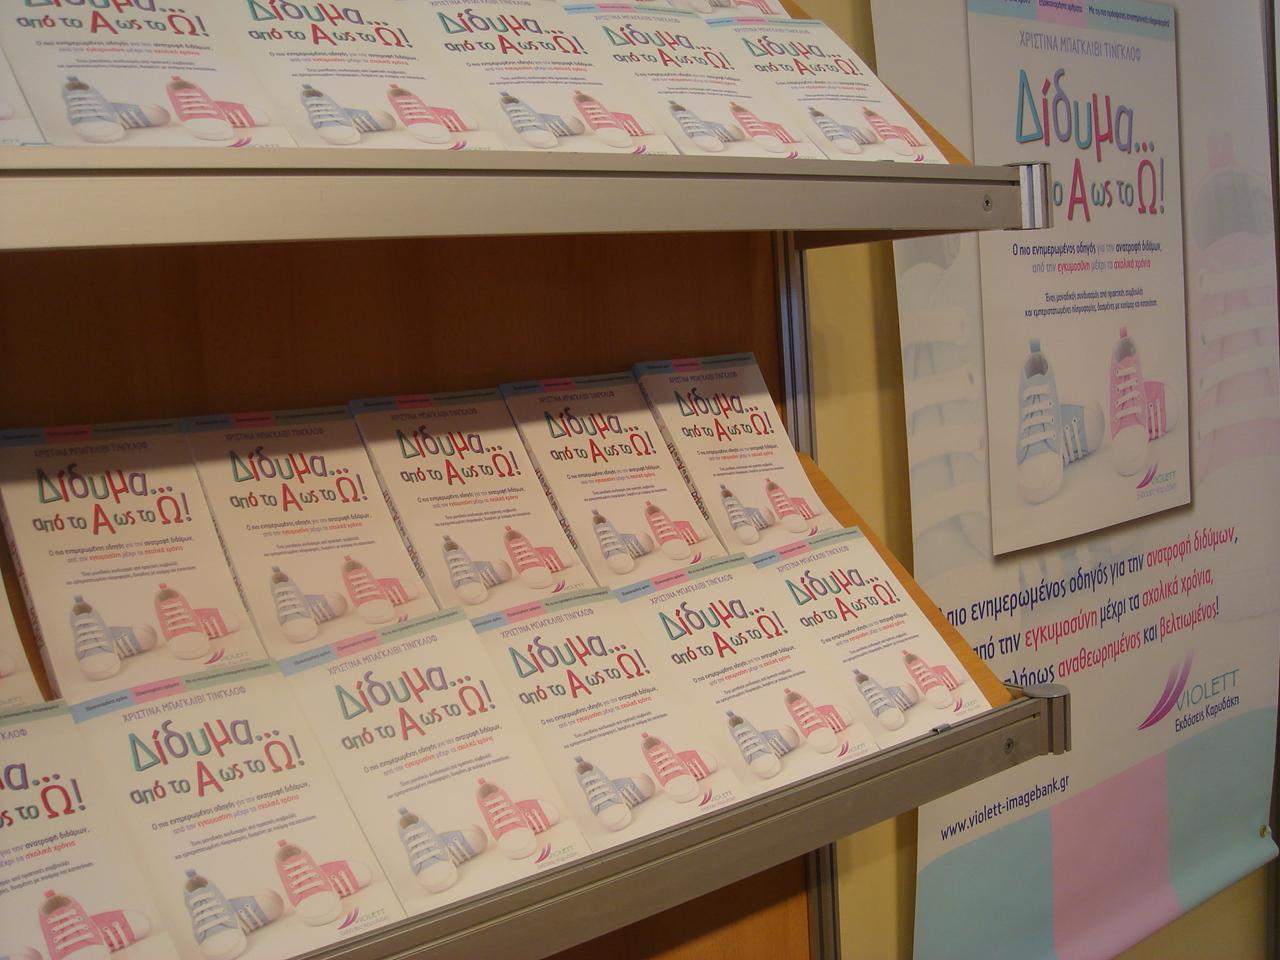 3η Έκθεση Παιδικού Βιβλίου, 2010